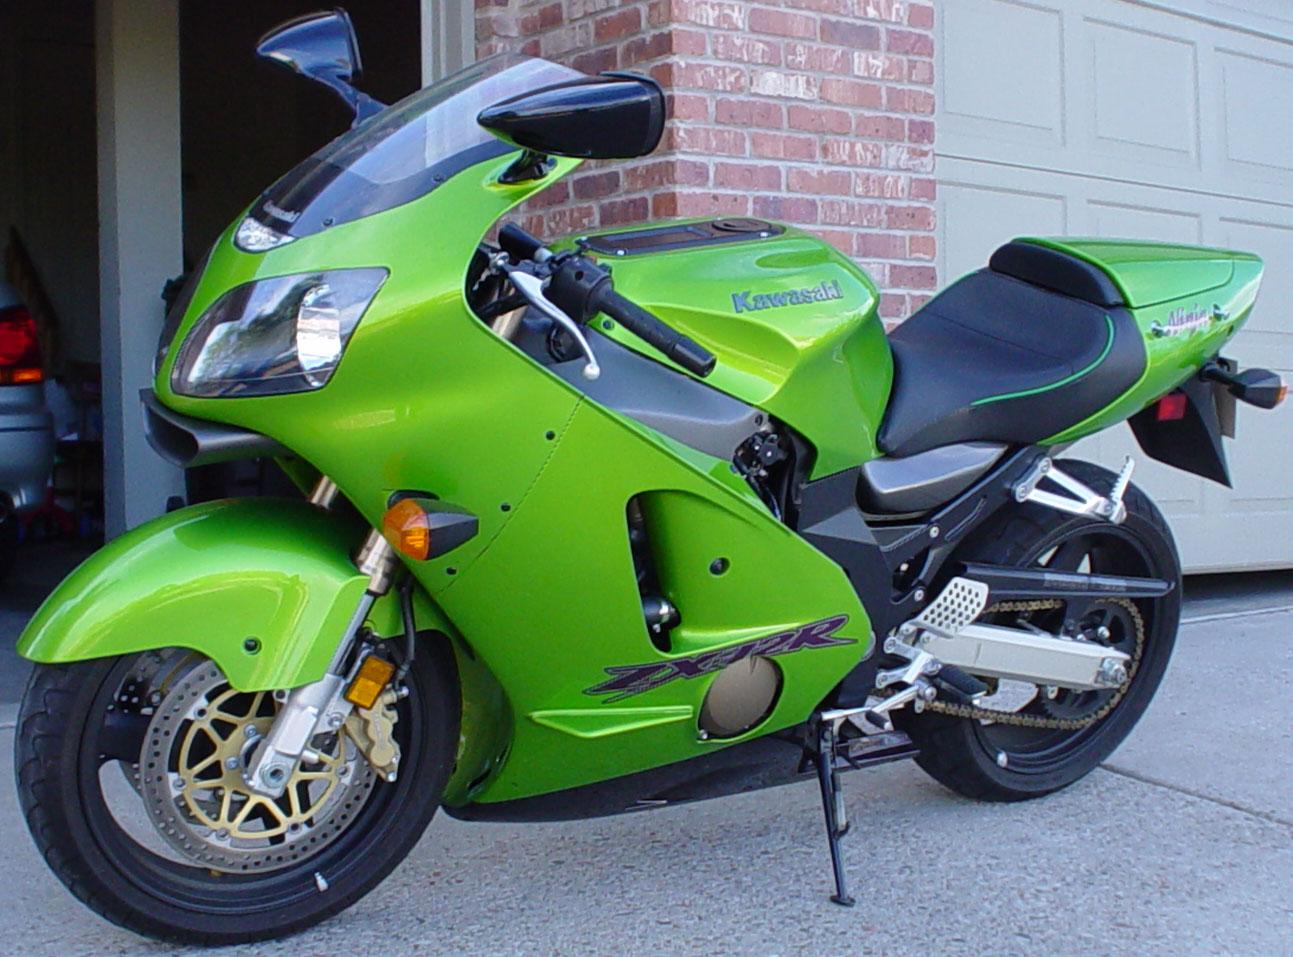 2000 Kawasaki Zx12r Ninja